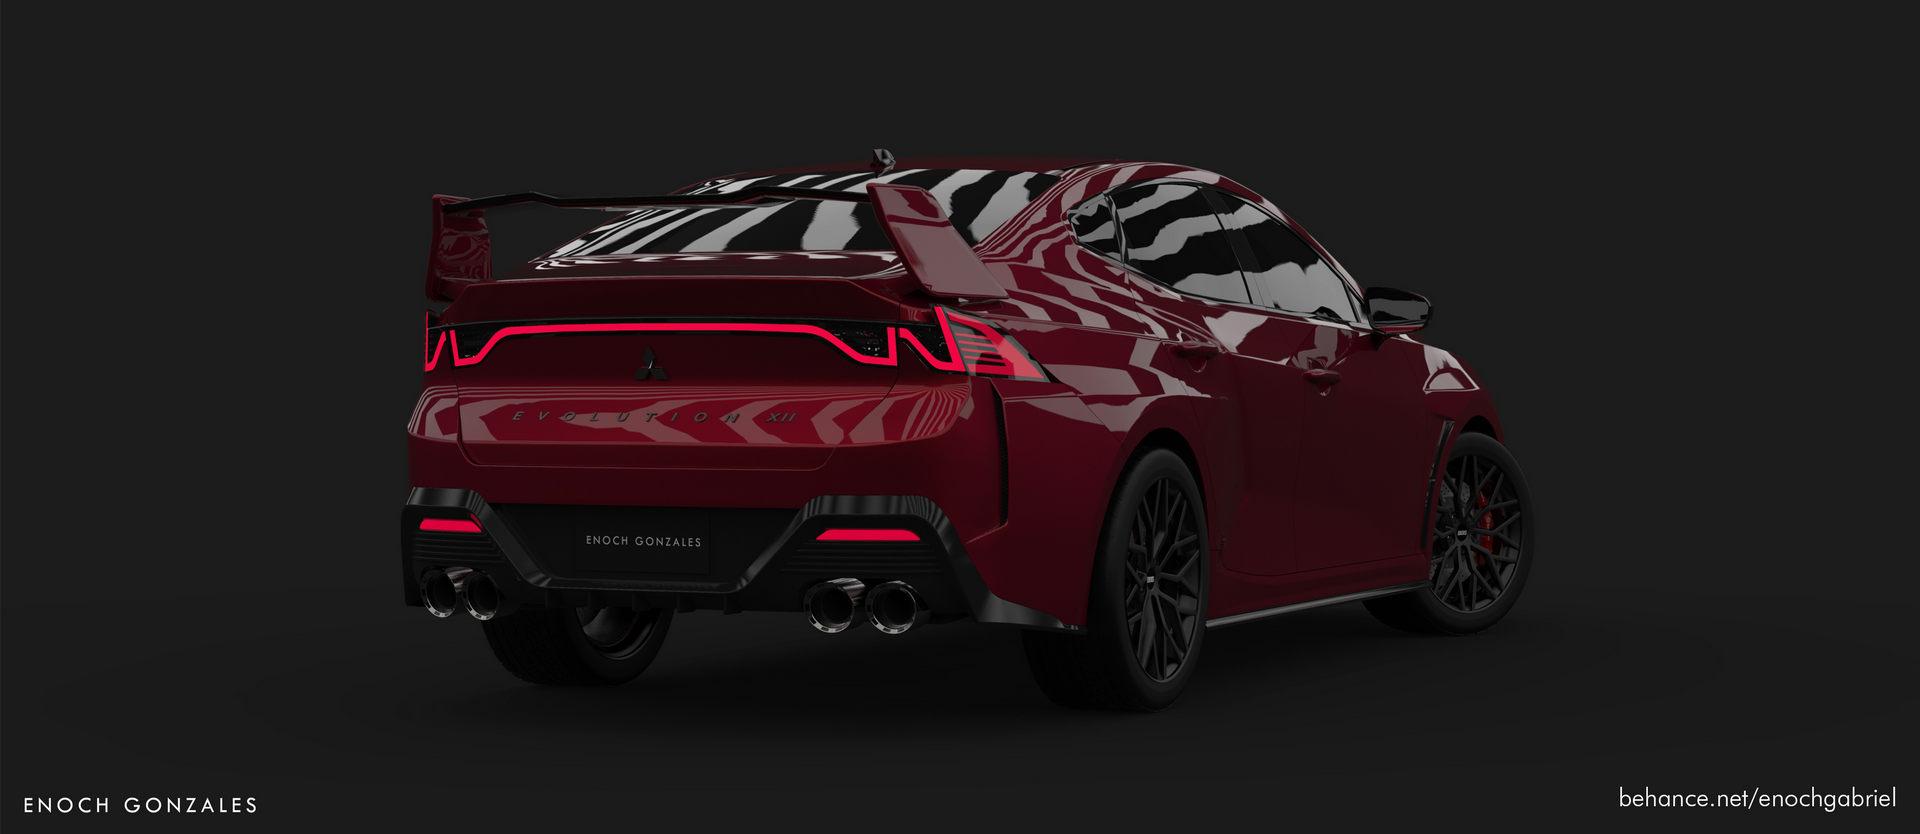 Mitsubishi-Lancer-Evo-XII-renderings-35